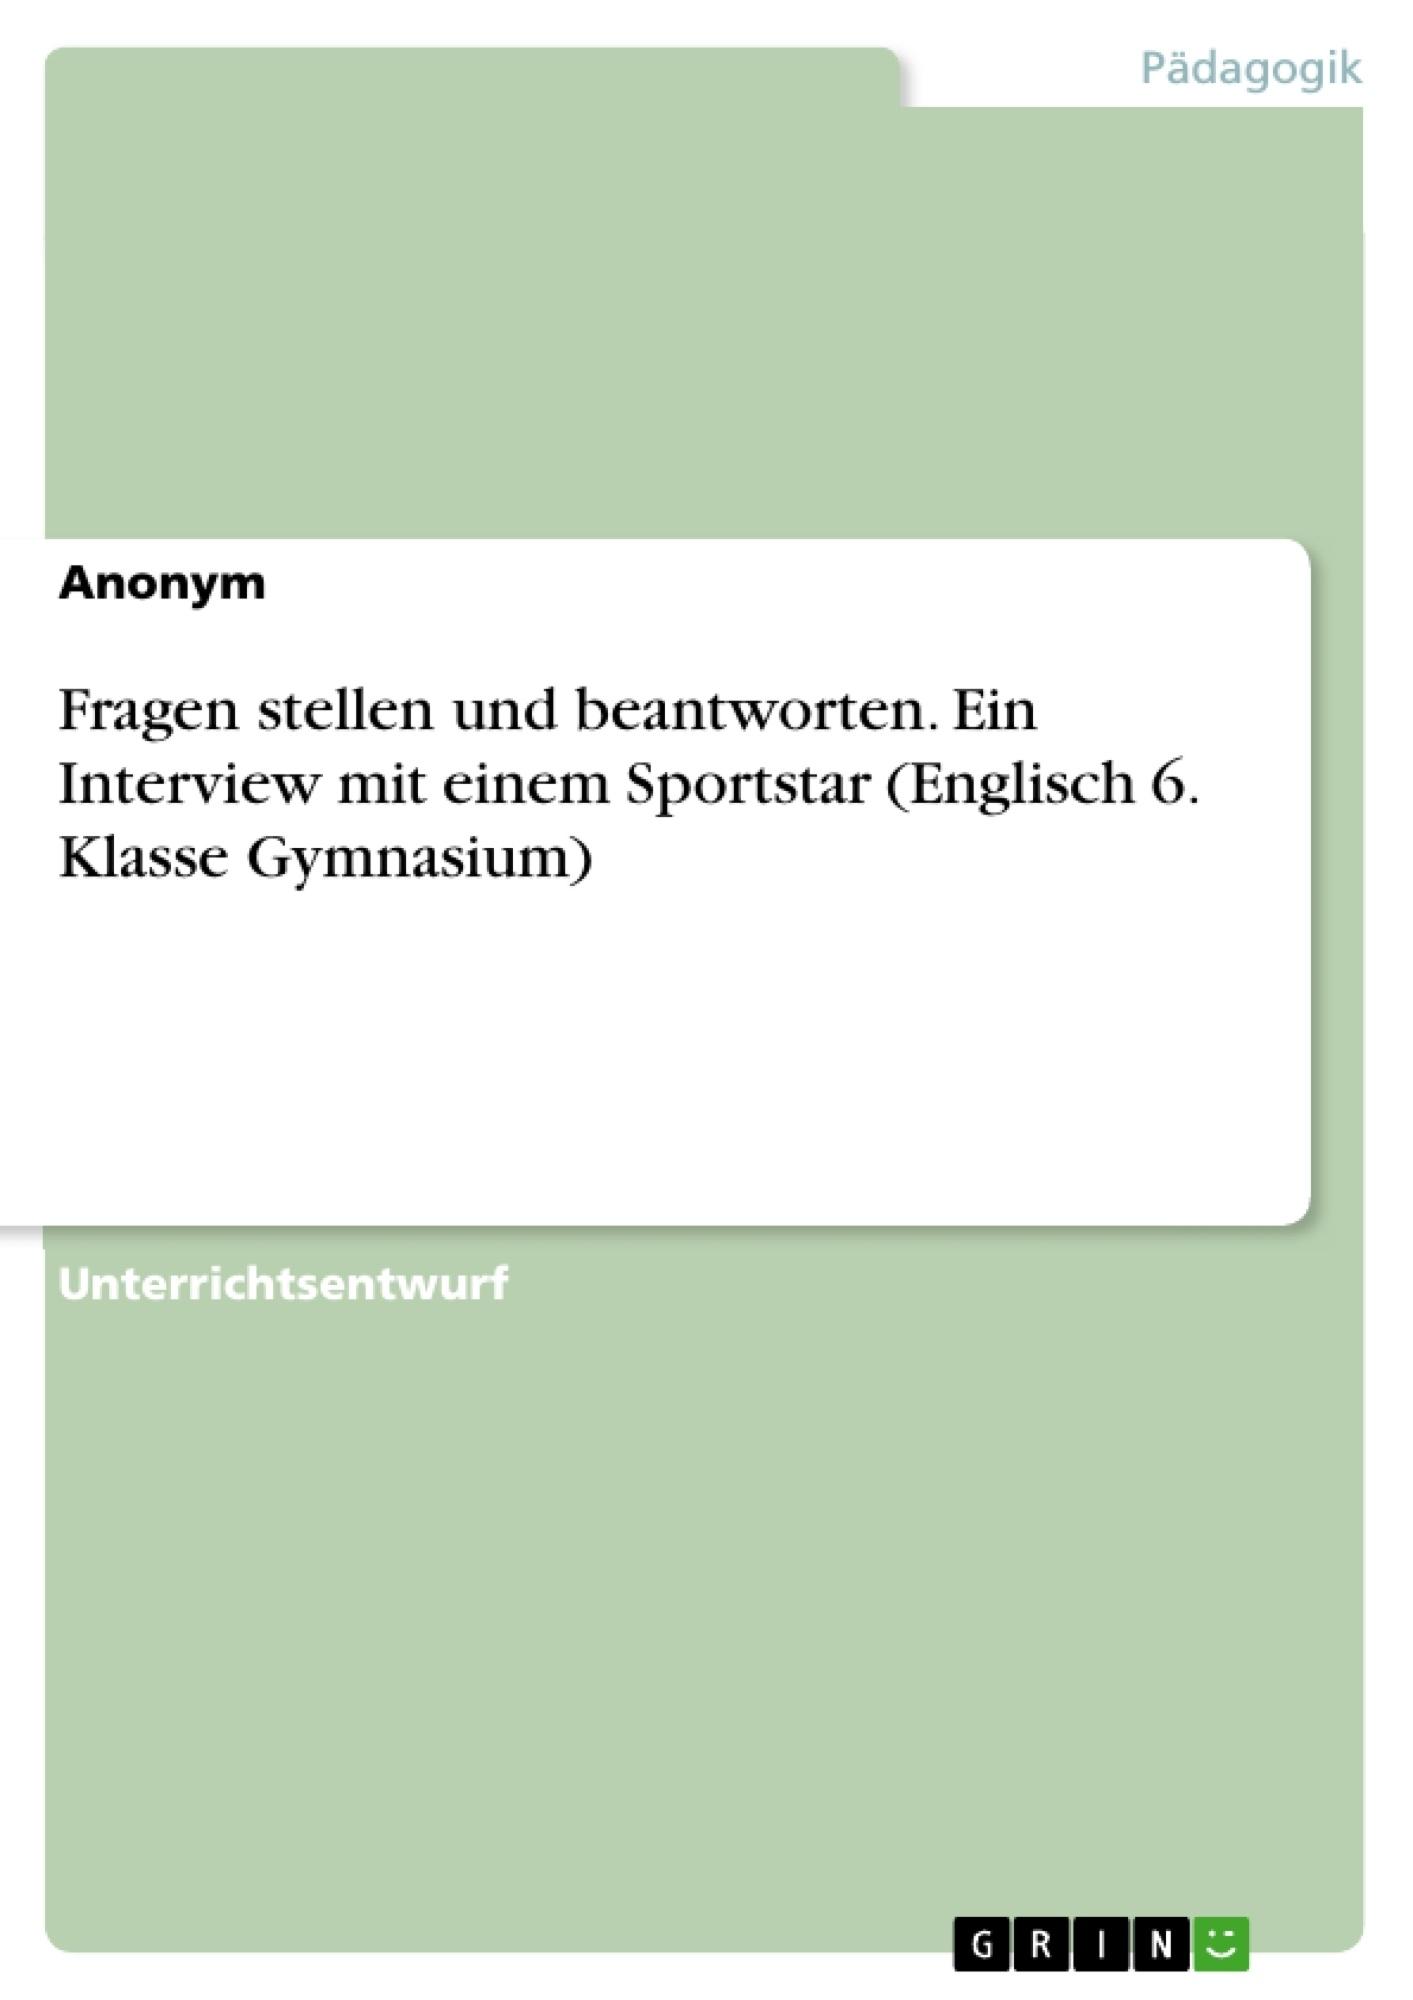 Titel: Fragen stellen und beantworten. Ein Interview mit einem Sportstar (Englisch 6. Klasse Gymnasium)